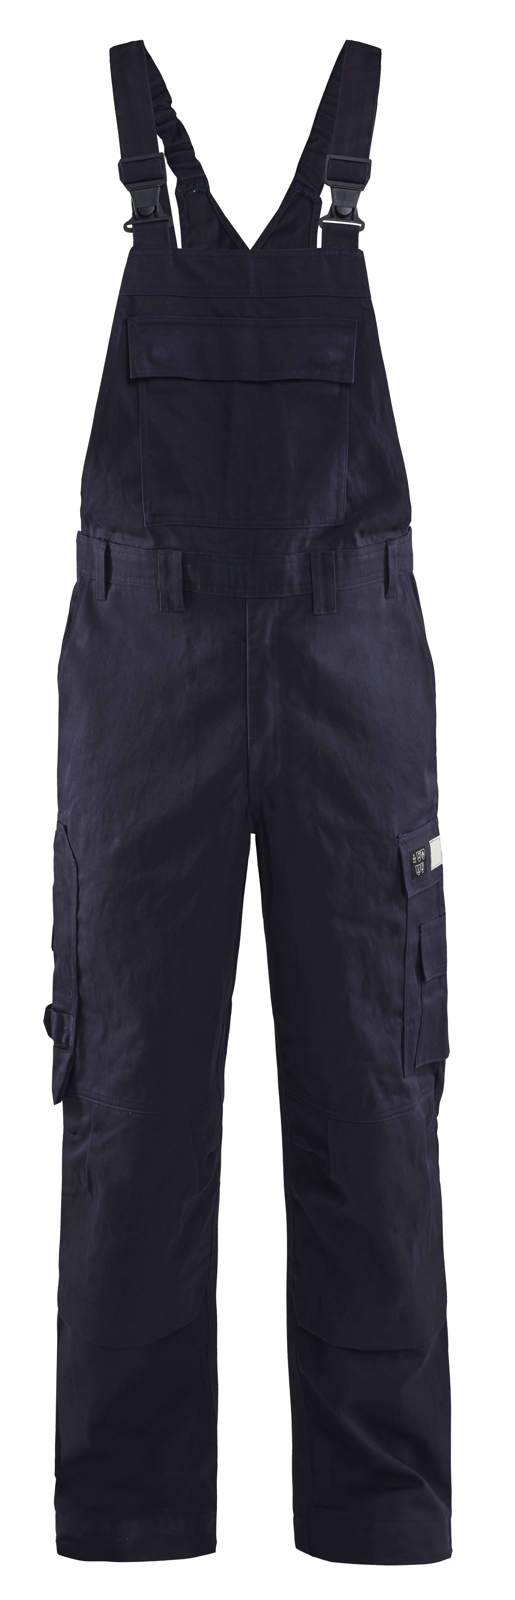 Blaklader Amerikaanse overalls 28241516 Vlamvertragend marineblauw(8900)